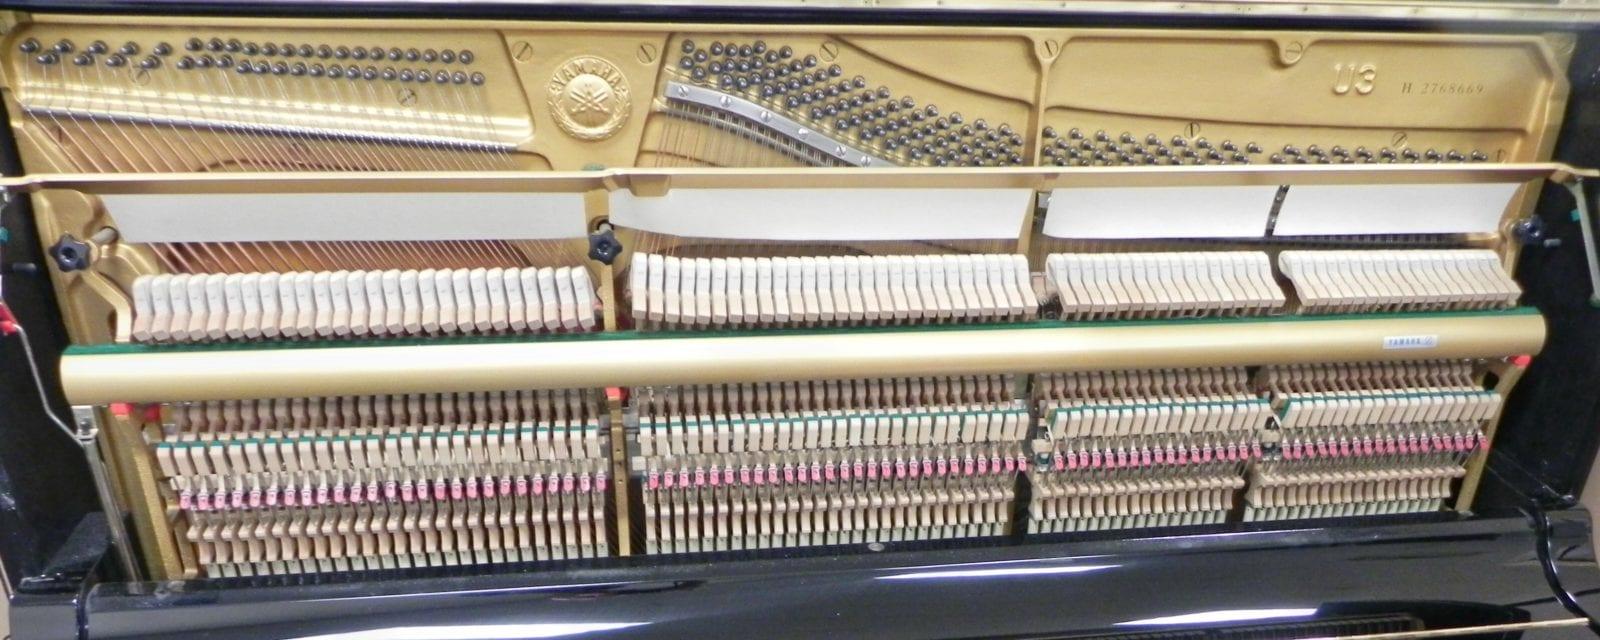 Yamaha U3 2768669 hammers